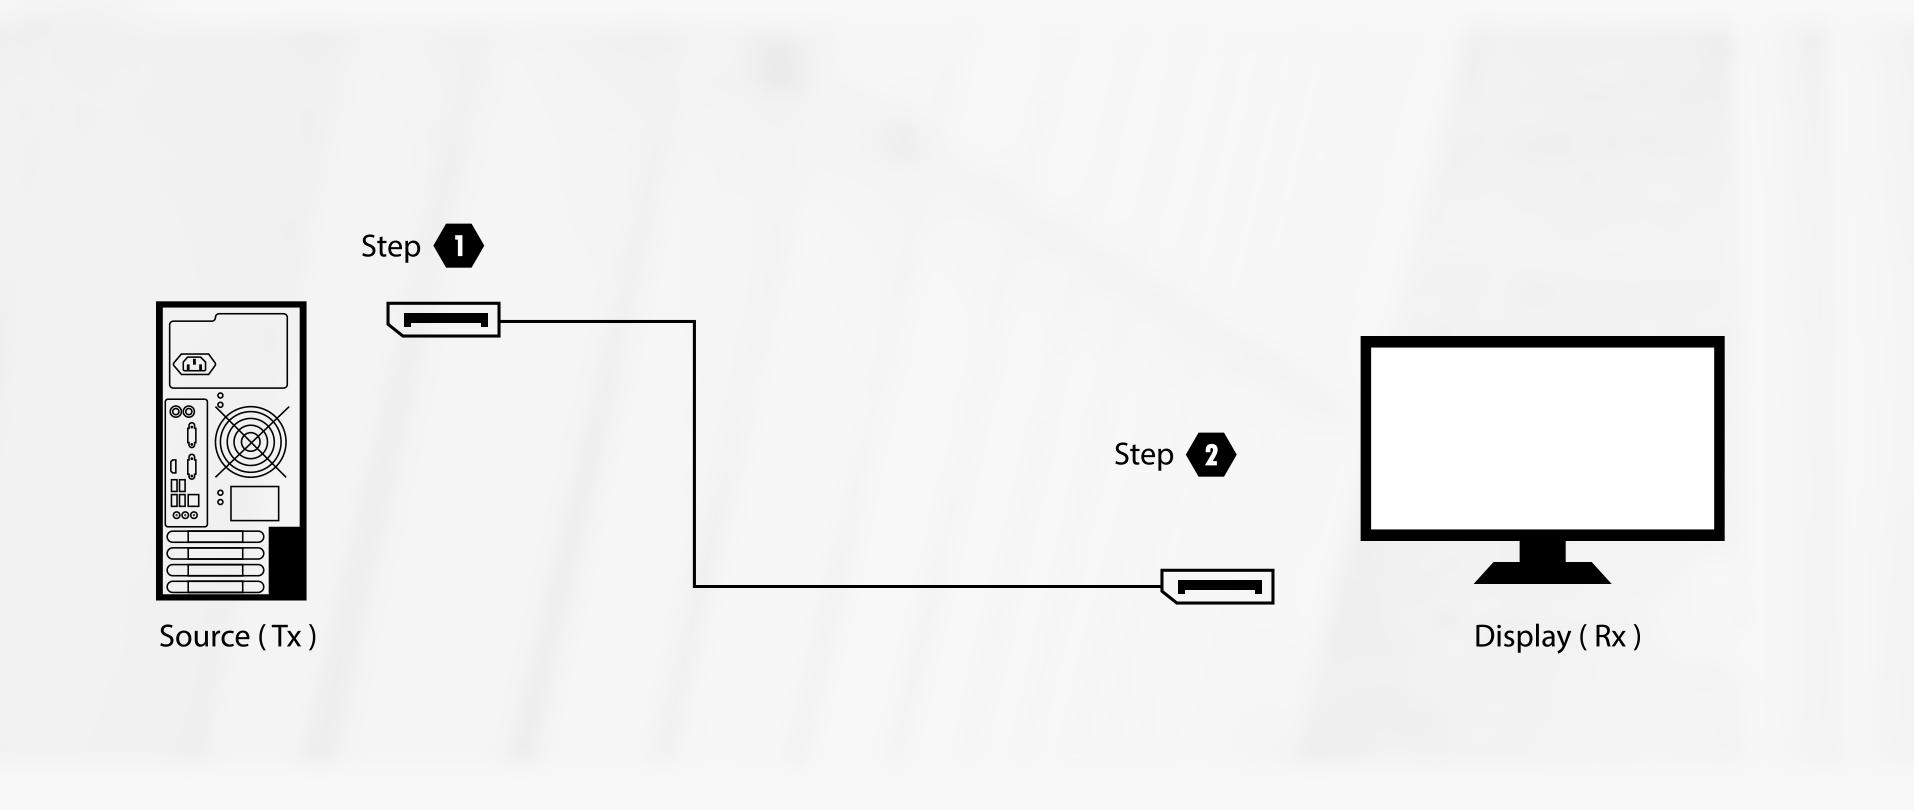 infobit-dp-4k-8k-active-optical-fiber-cable-hdr